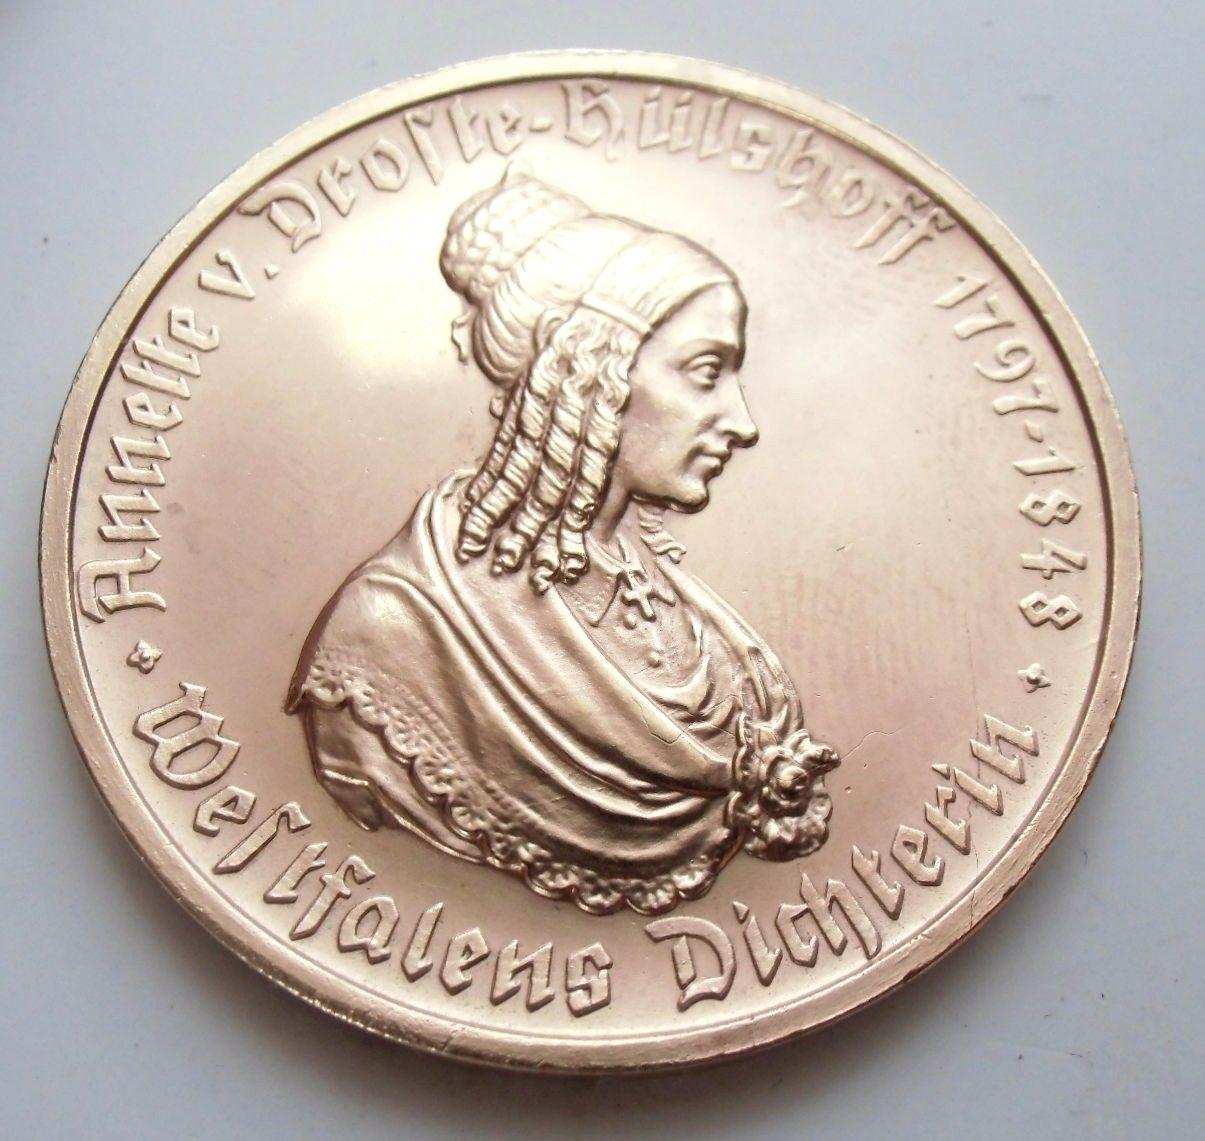 Monedas de emergencia emitidas por el banco regional de Westphalia 1923_500a